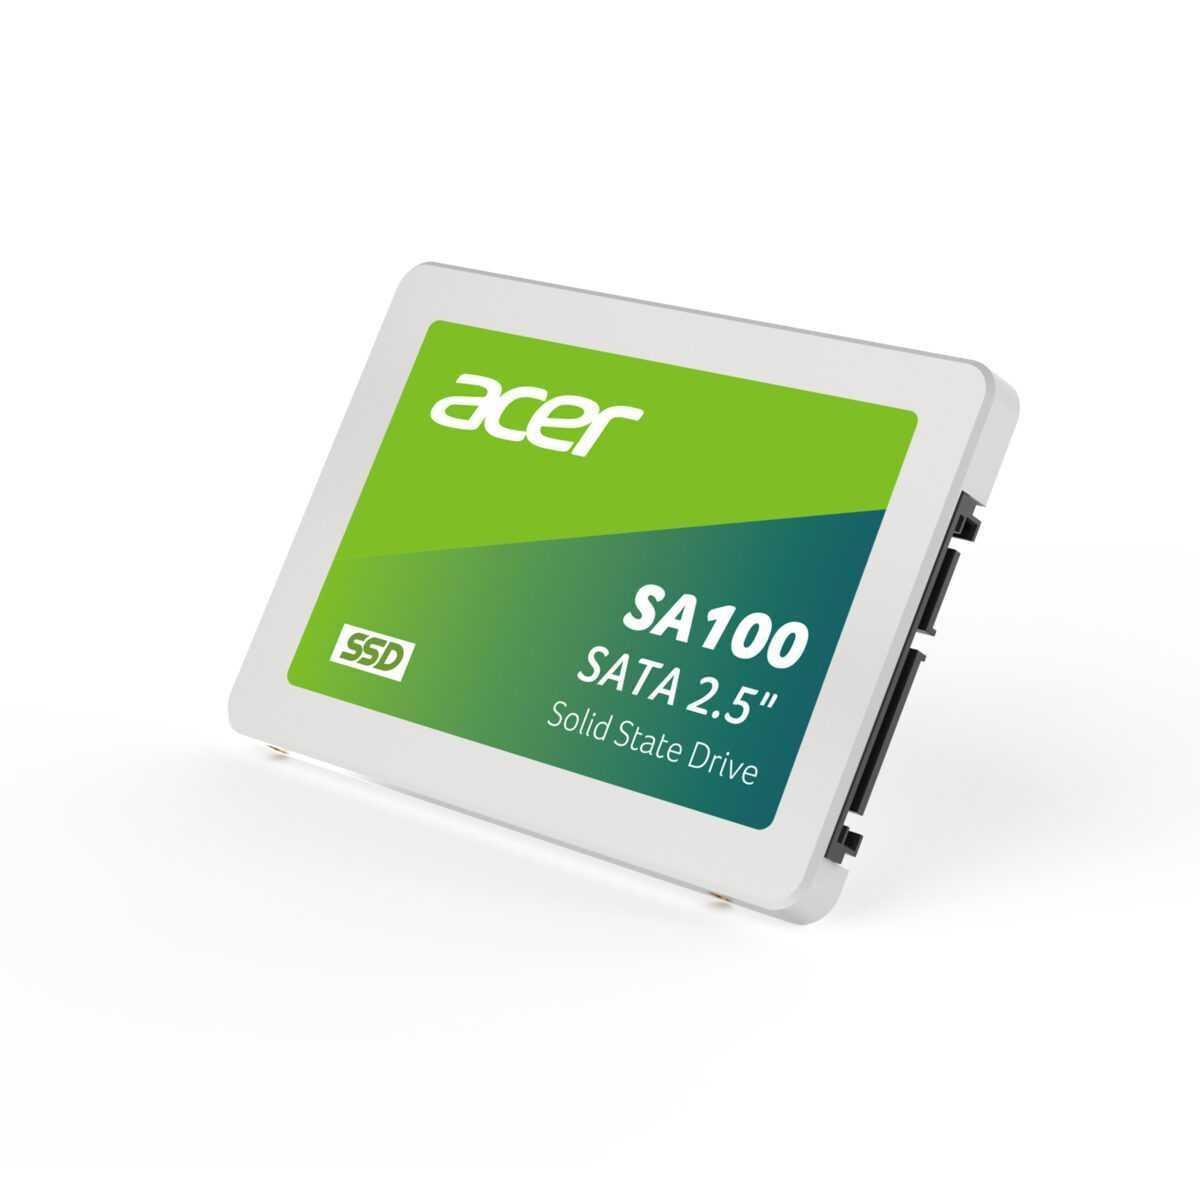 ⓘ BIWIN представляє пам'ять і персональні пристрої збереження даних під брендами Acer і Predator